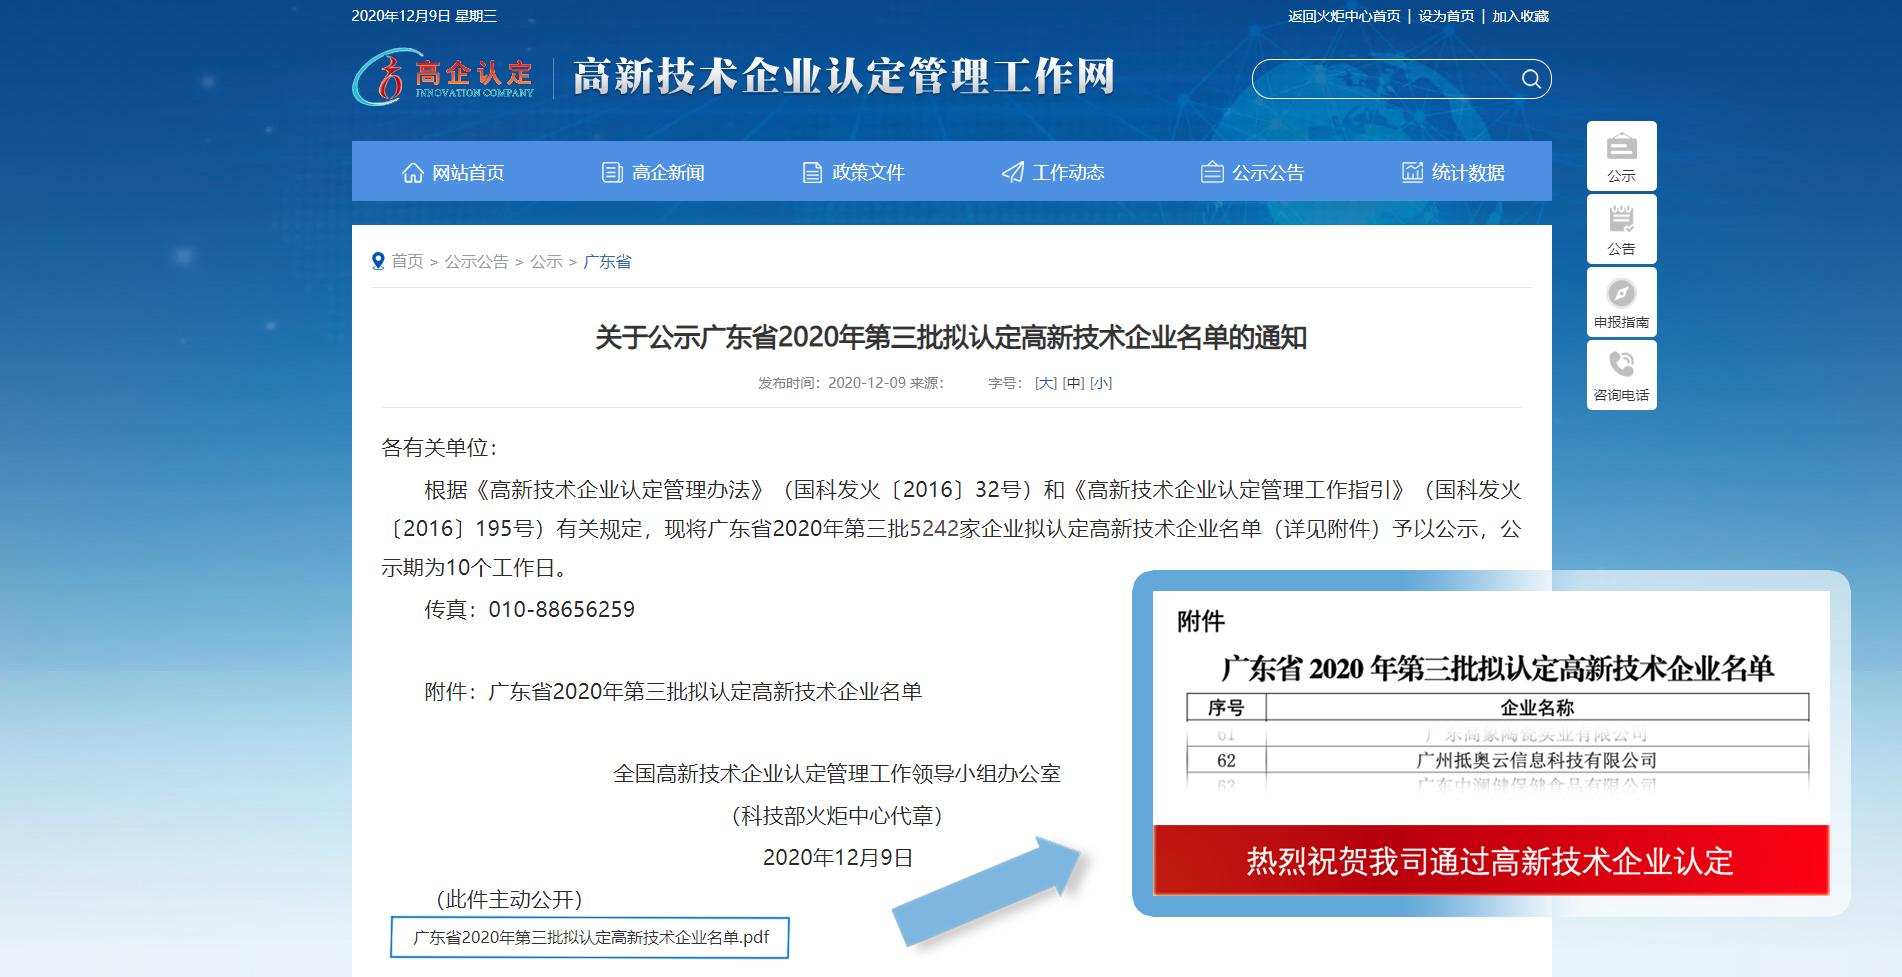 广州抵奥云信息科技有限公司成功通过《高新技术企业》认证